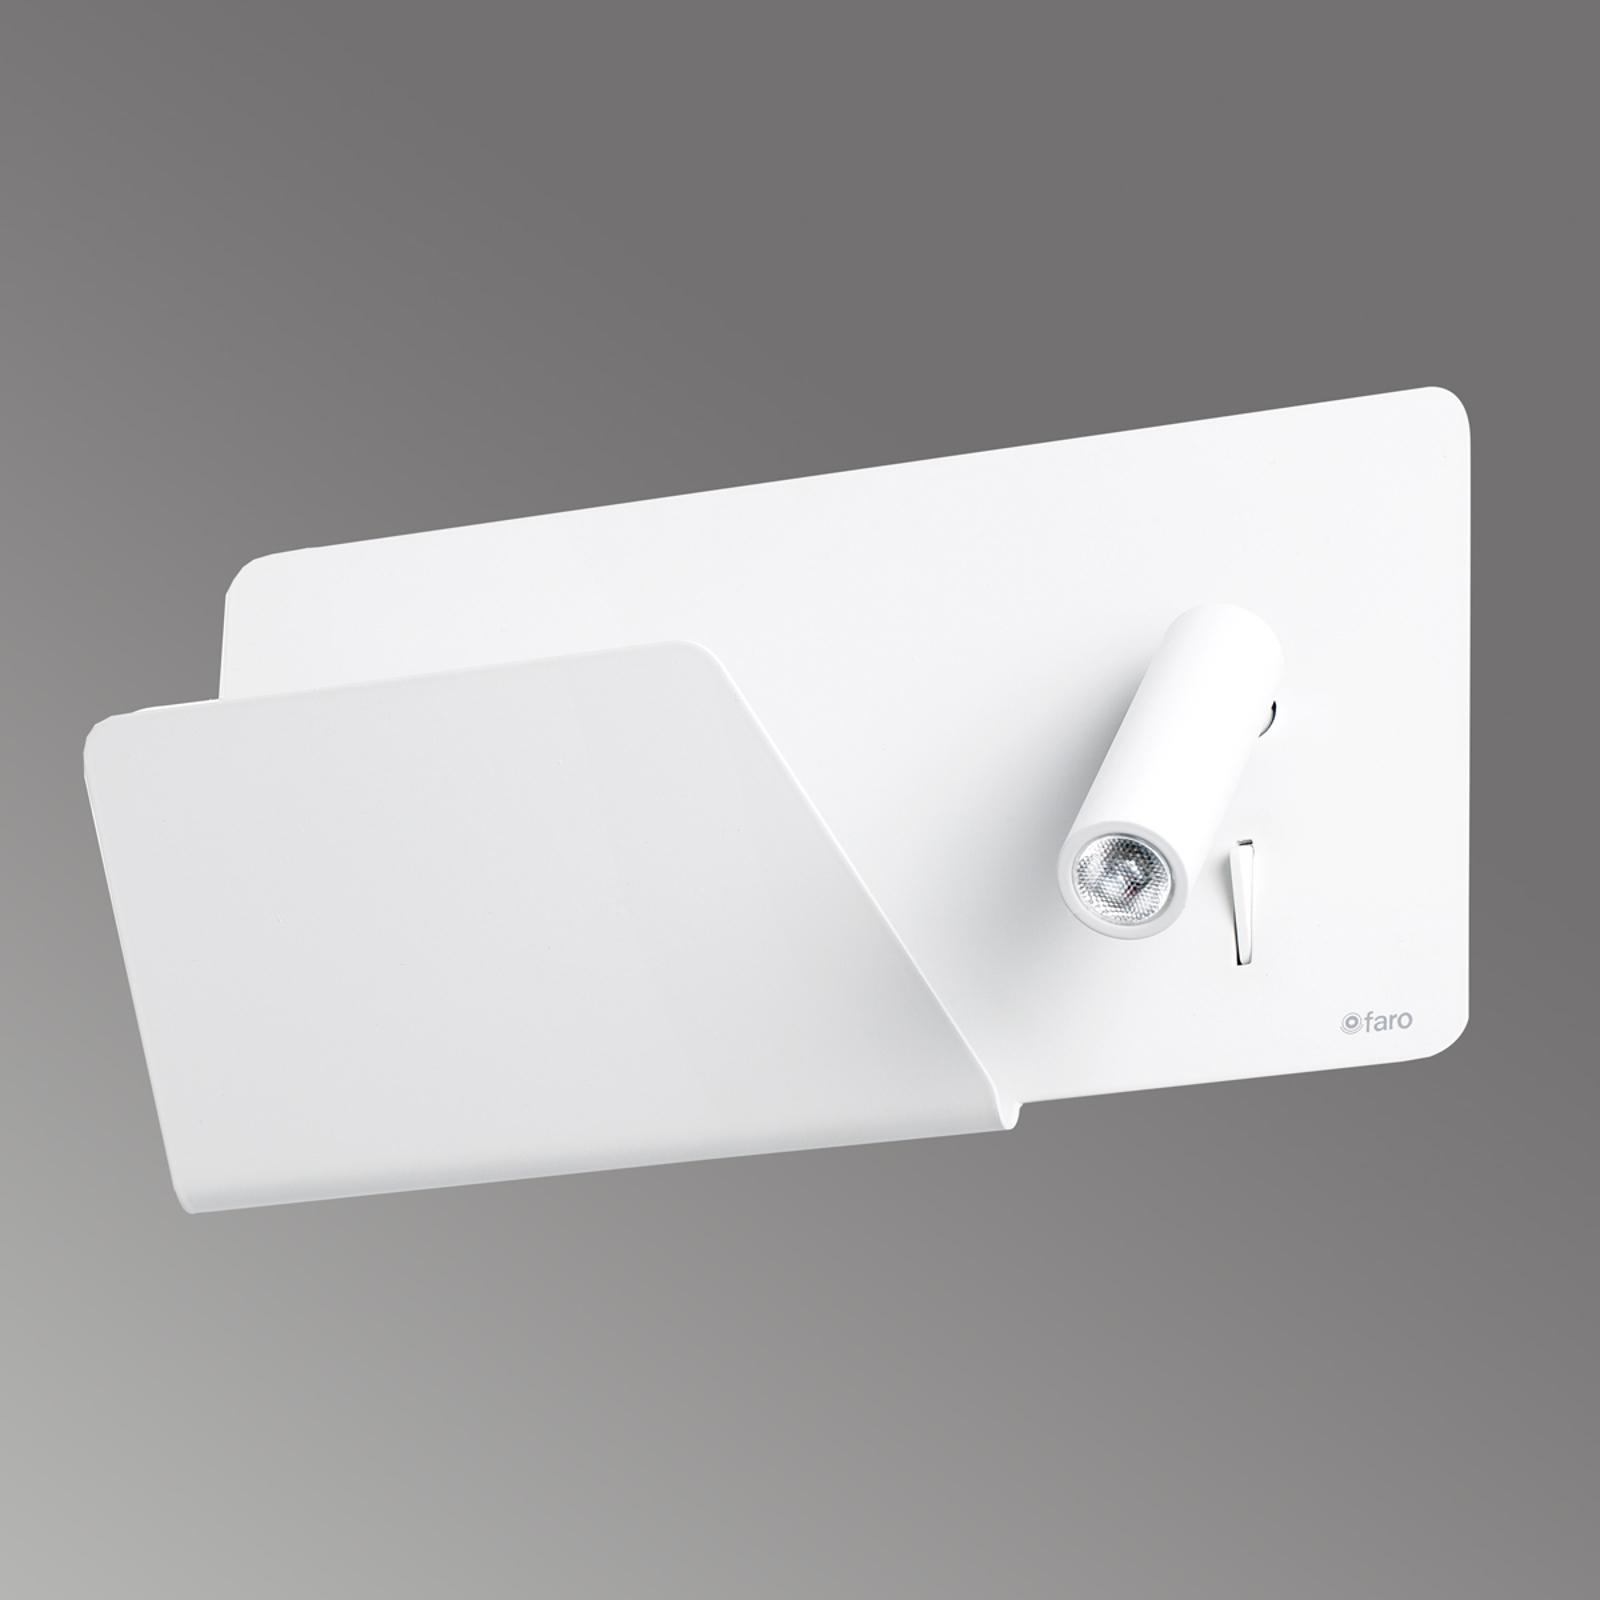 Suau - hvit LED-vegglampe med lagringsflate